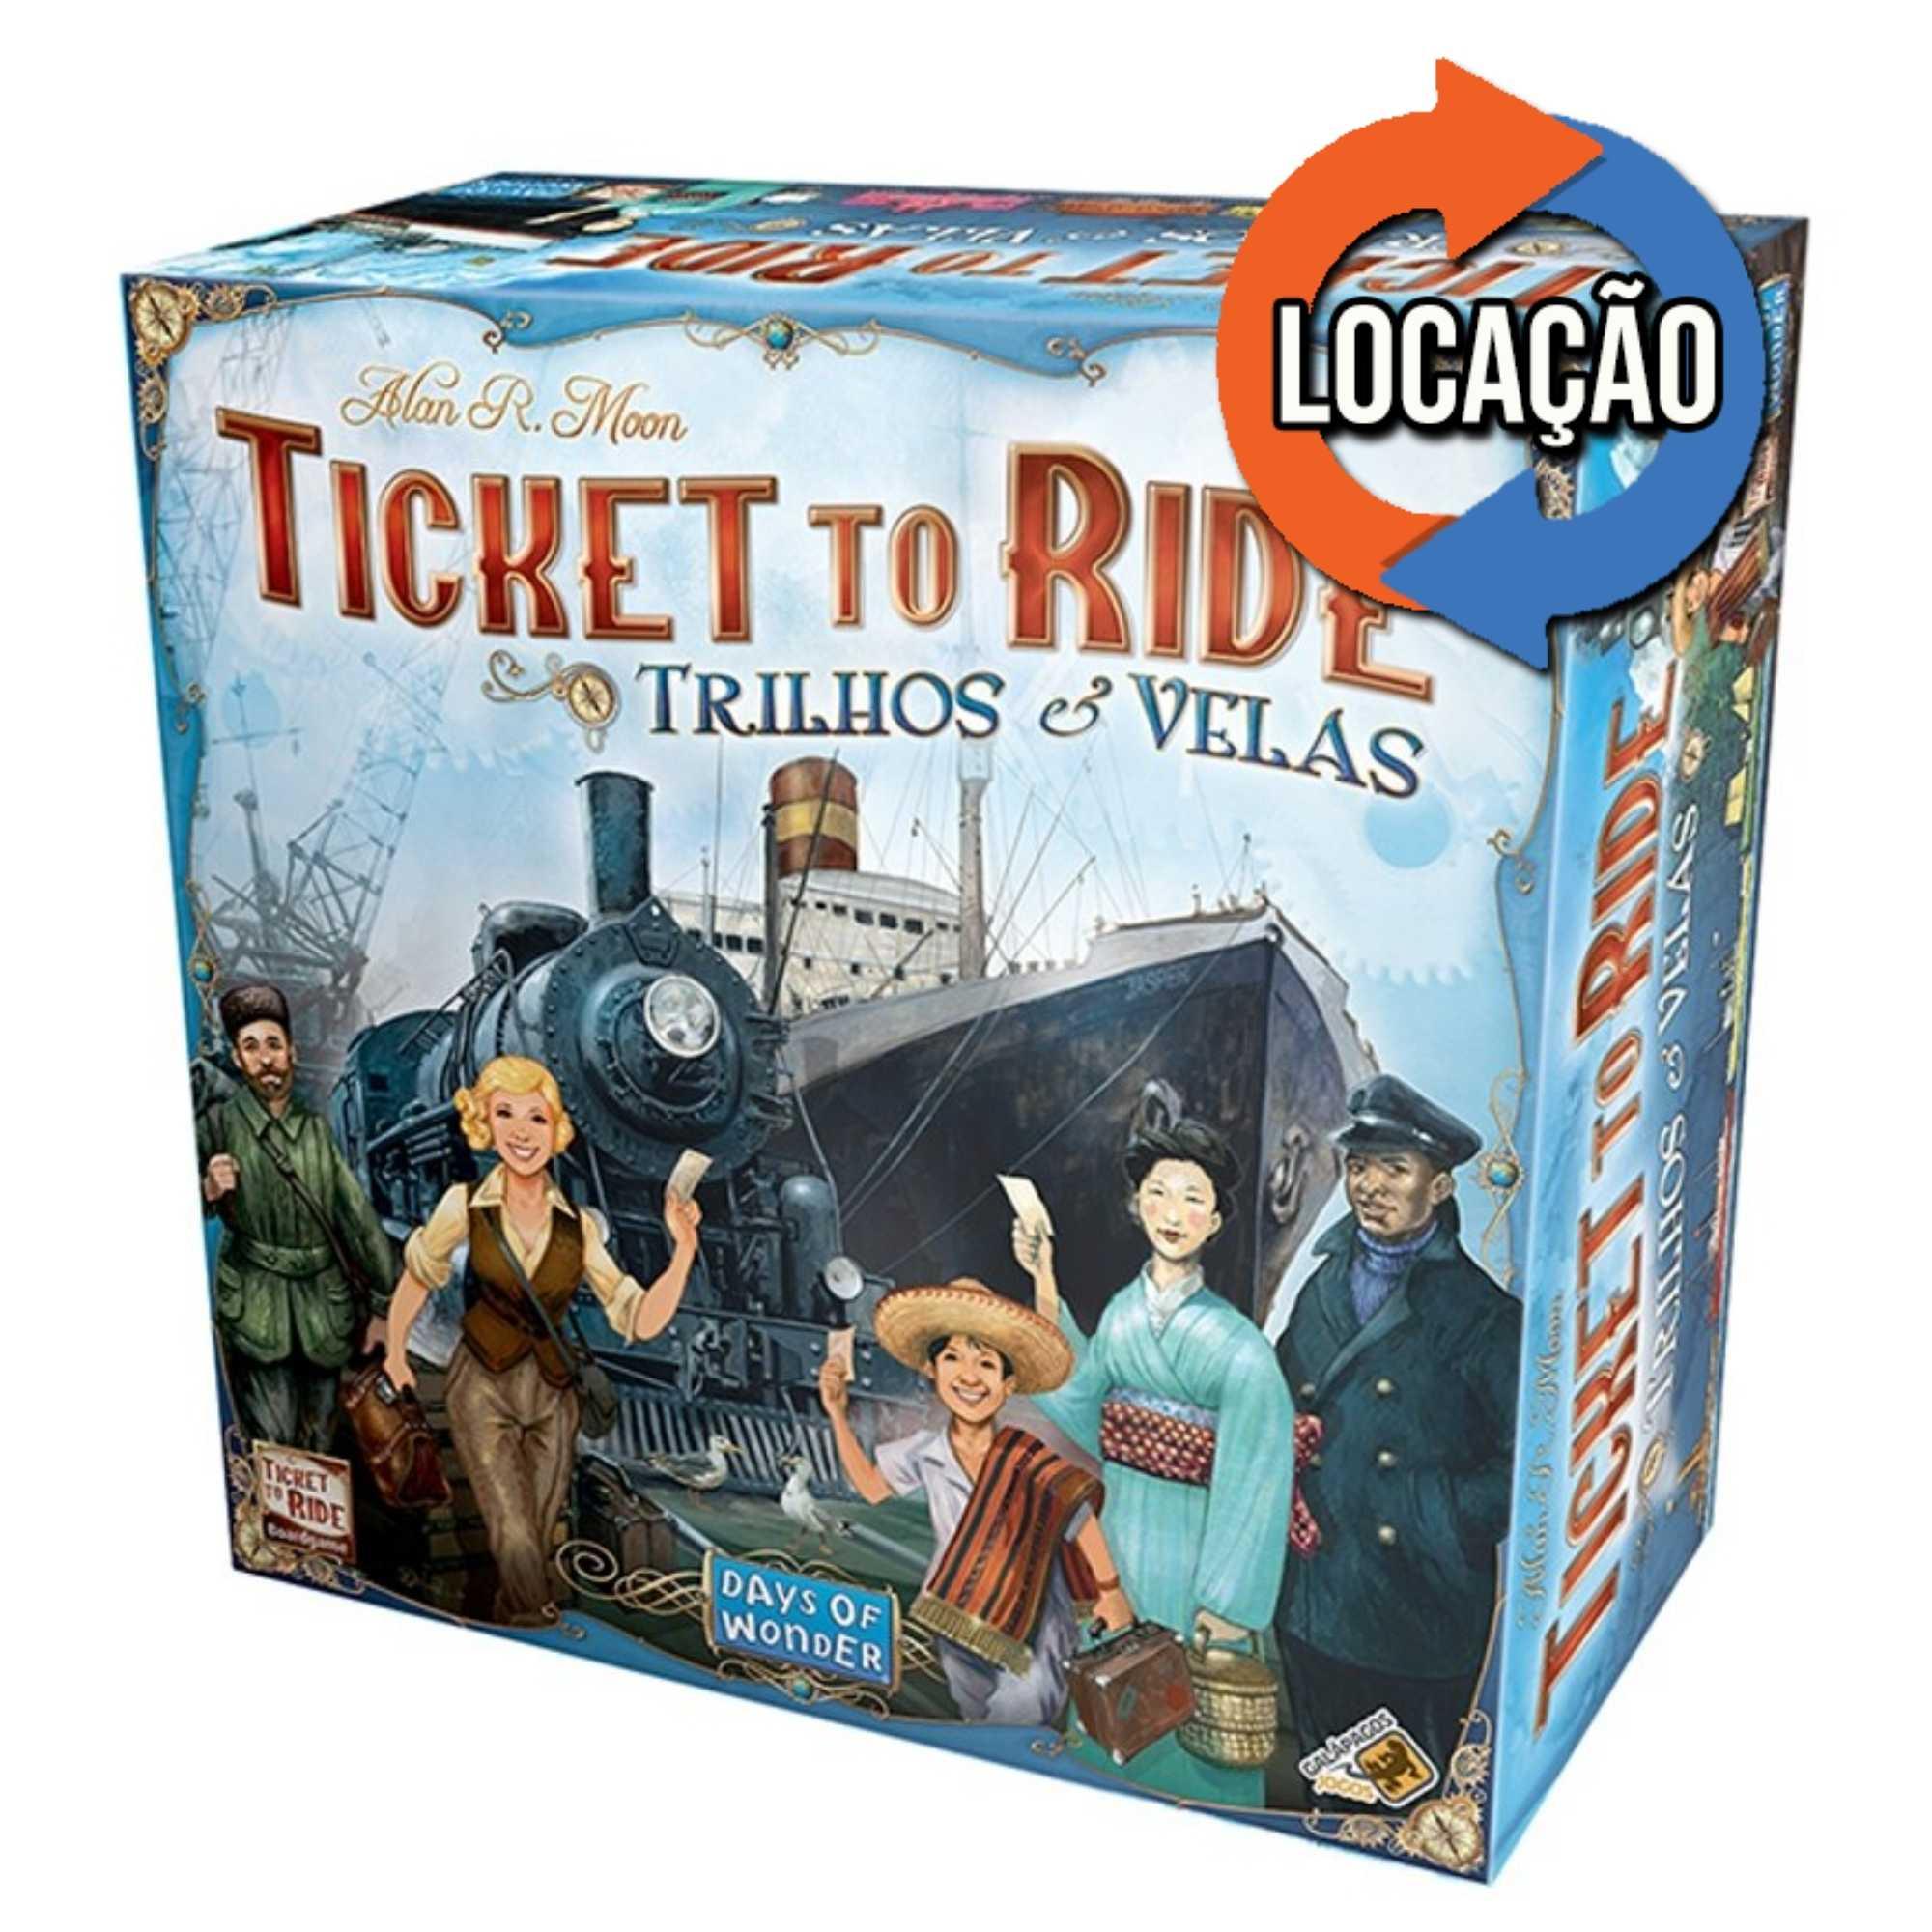 Ticket to Ride Trilhos e Velas (Locação)